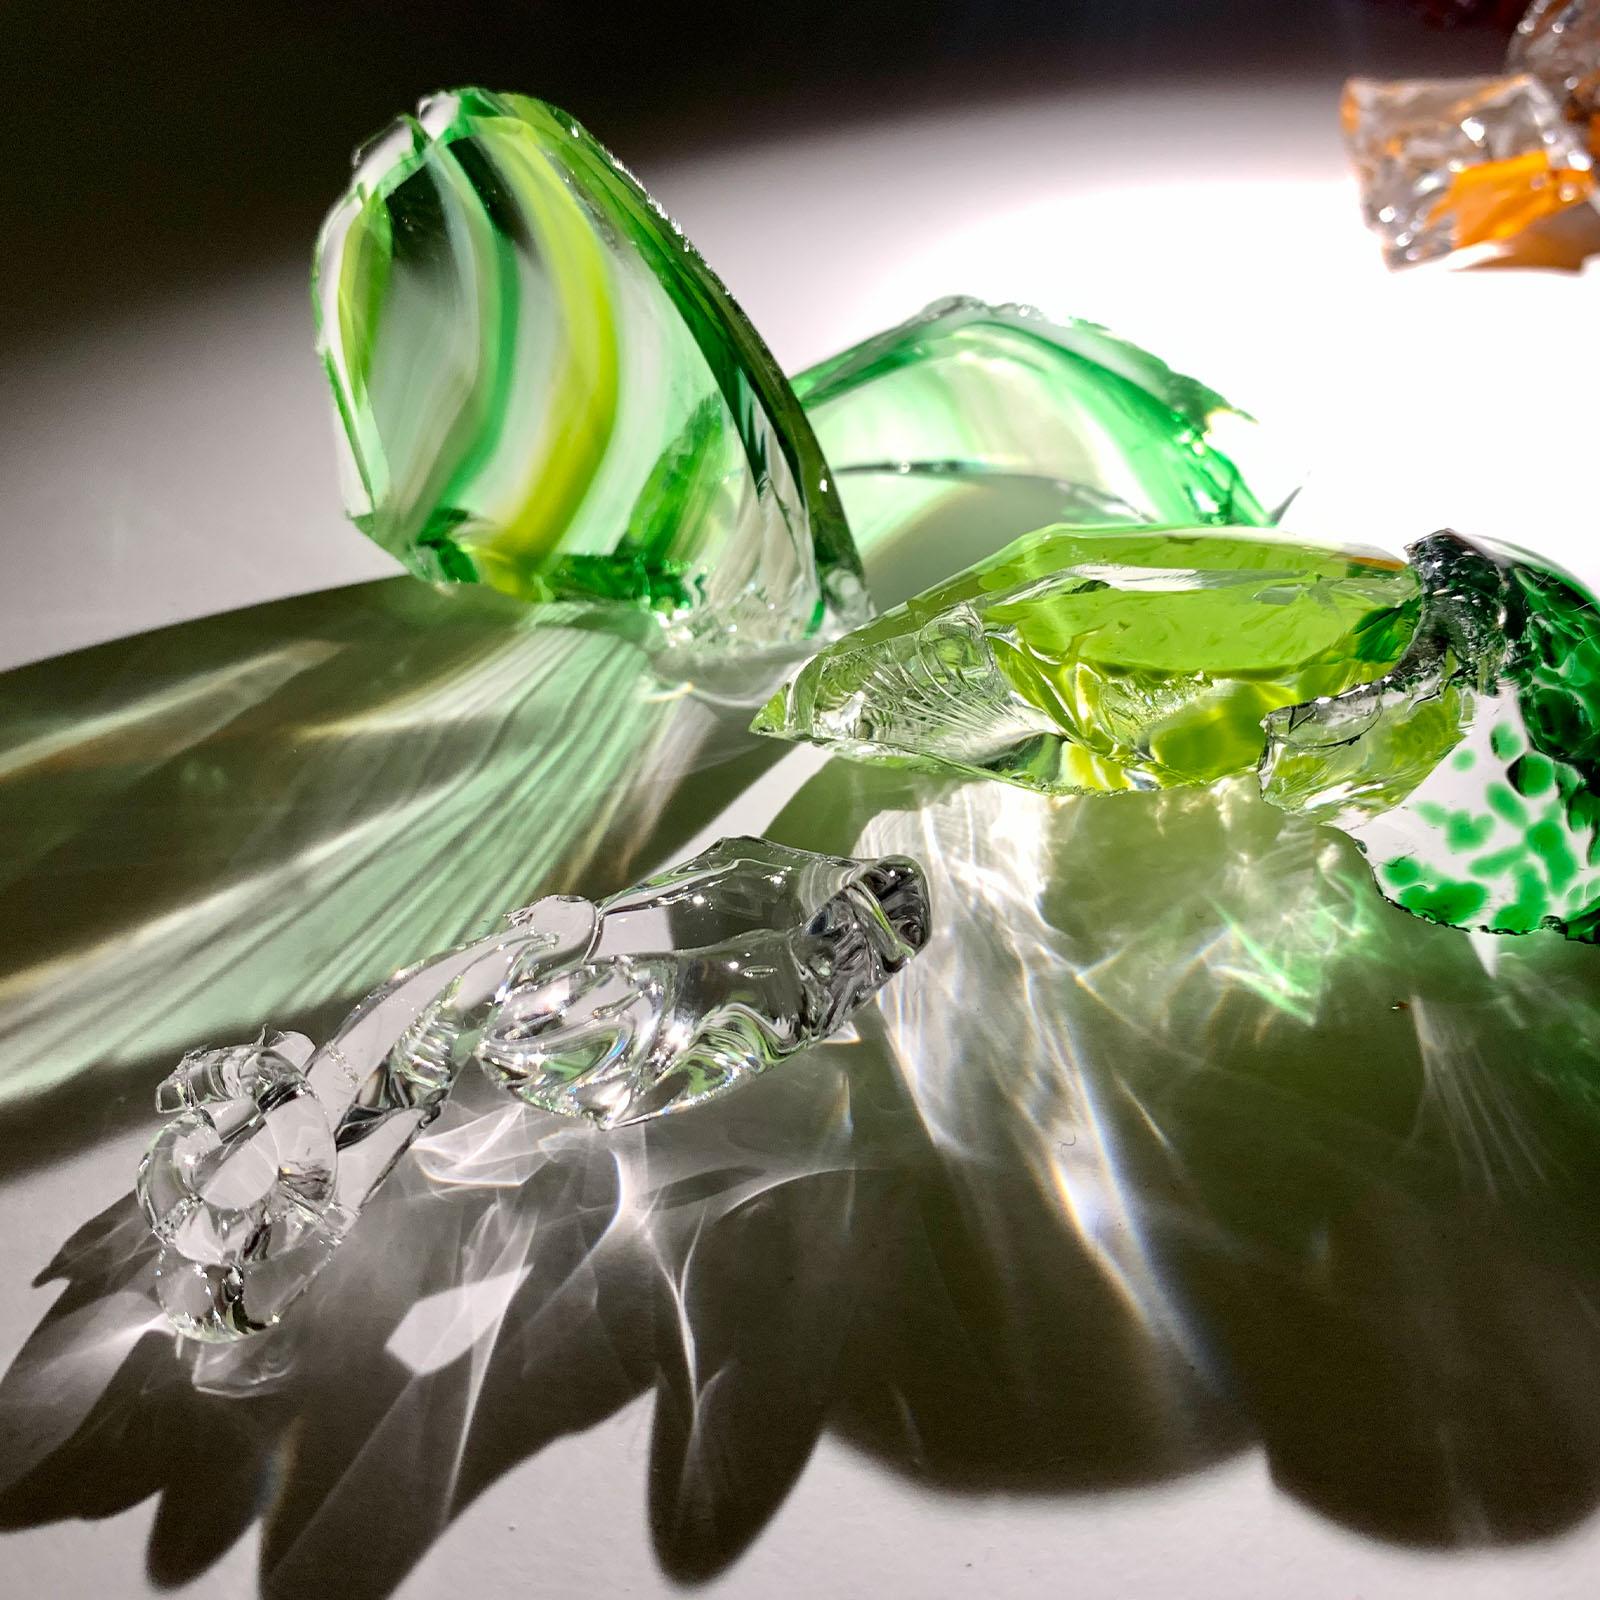 Glass Studies- Light shining through glass sculpture